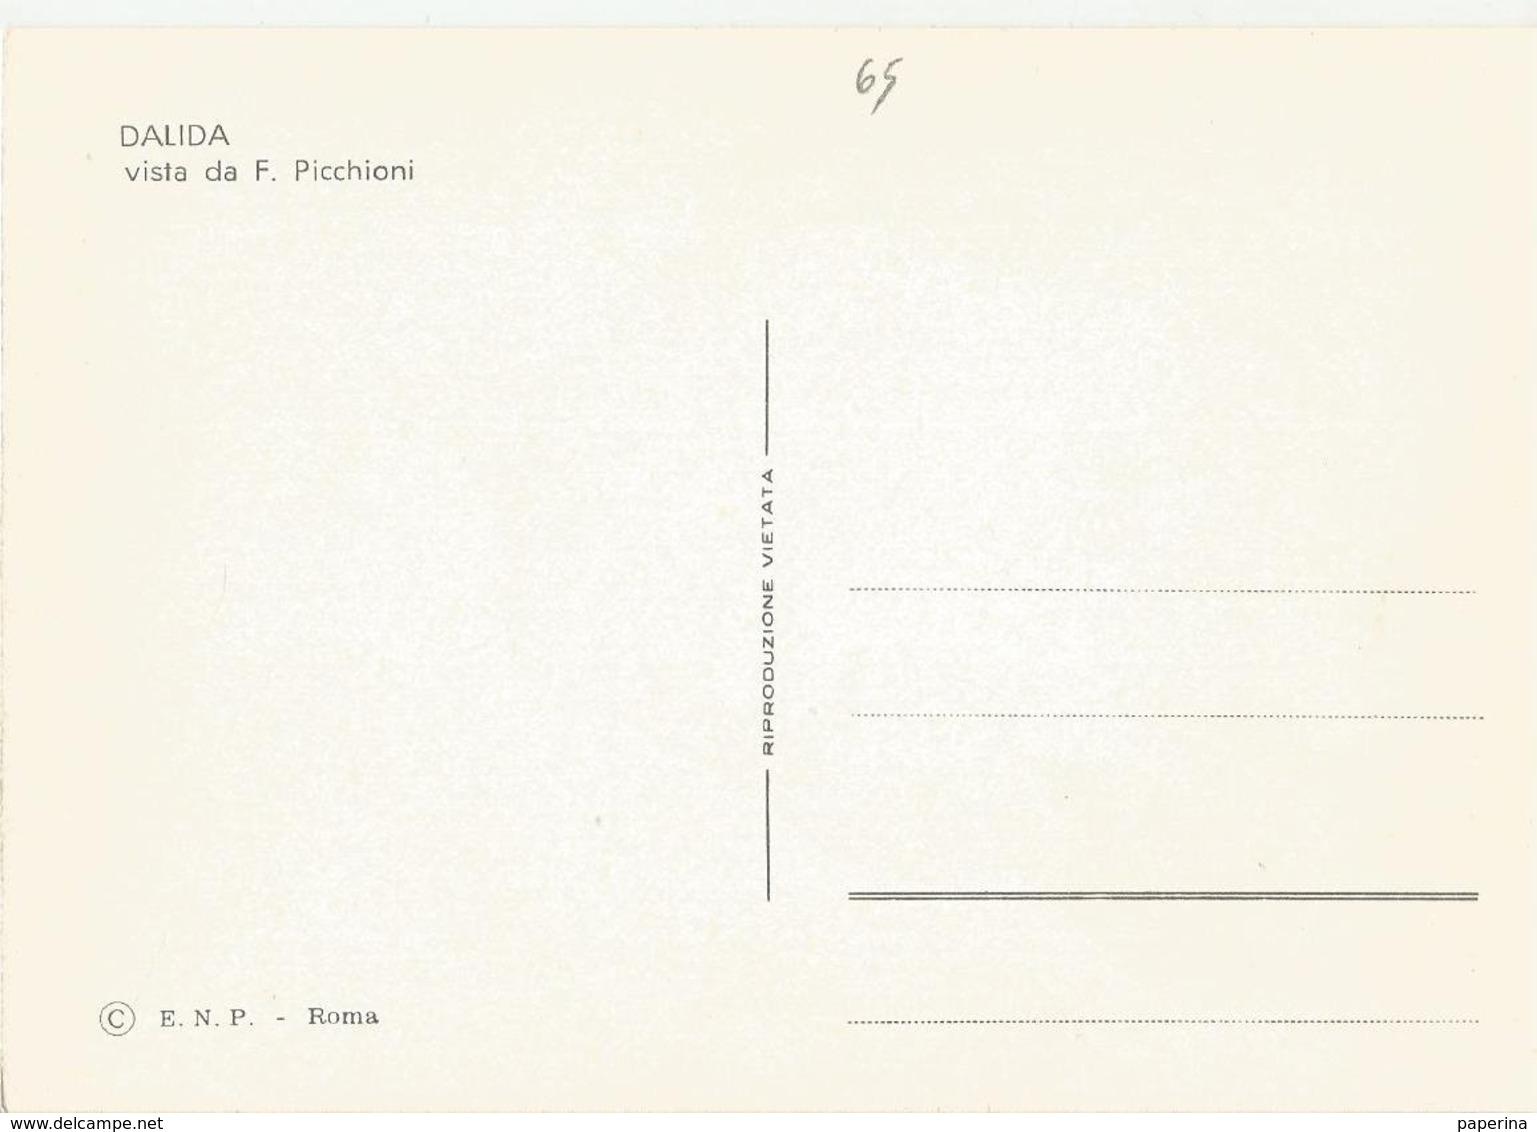 CART. DISEGNATA DA PICCHIONI I BIG DELLA CANZONE DALIDA  (65) - Cantanti E Musicisti